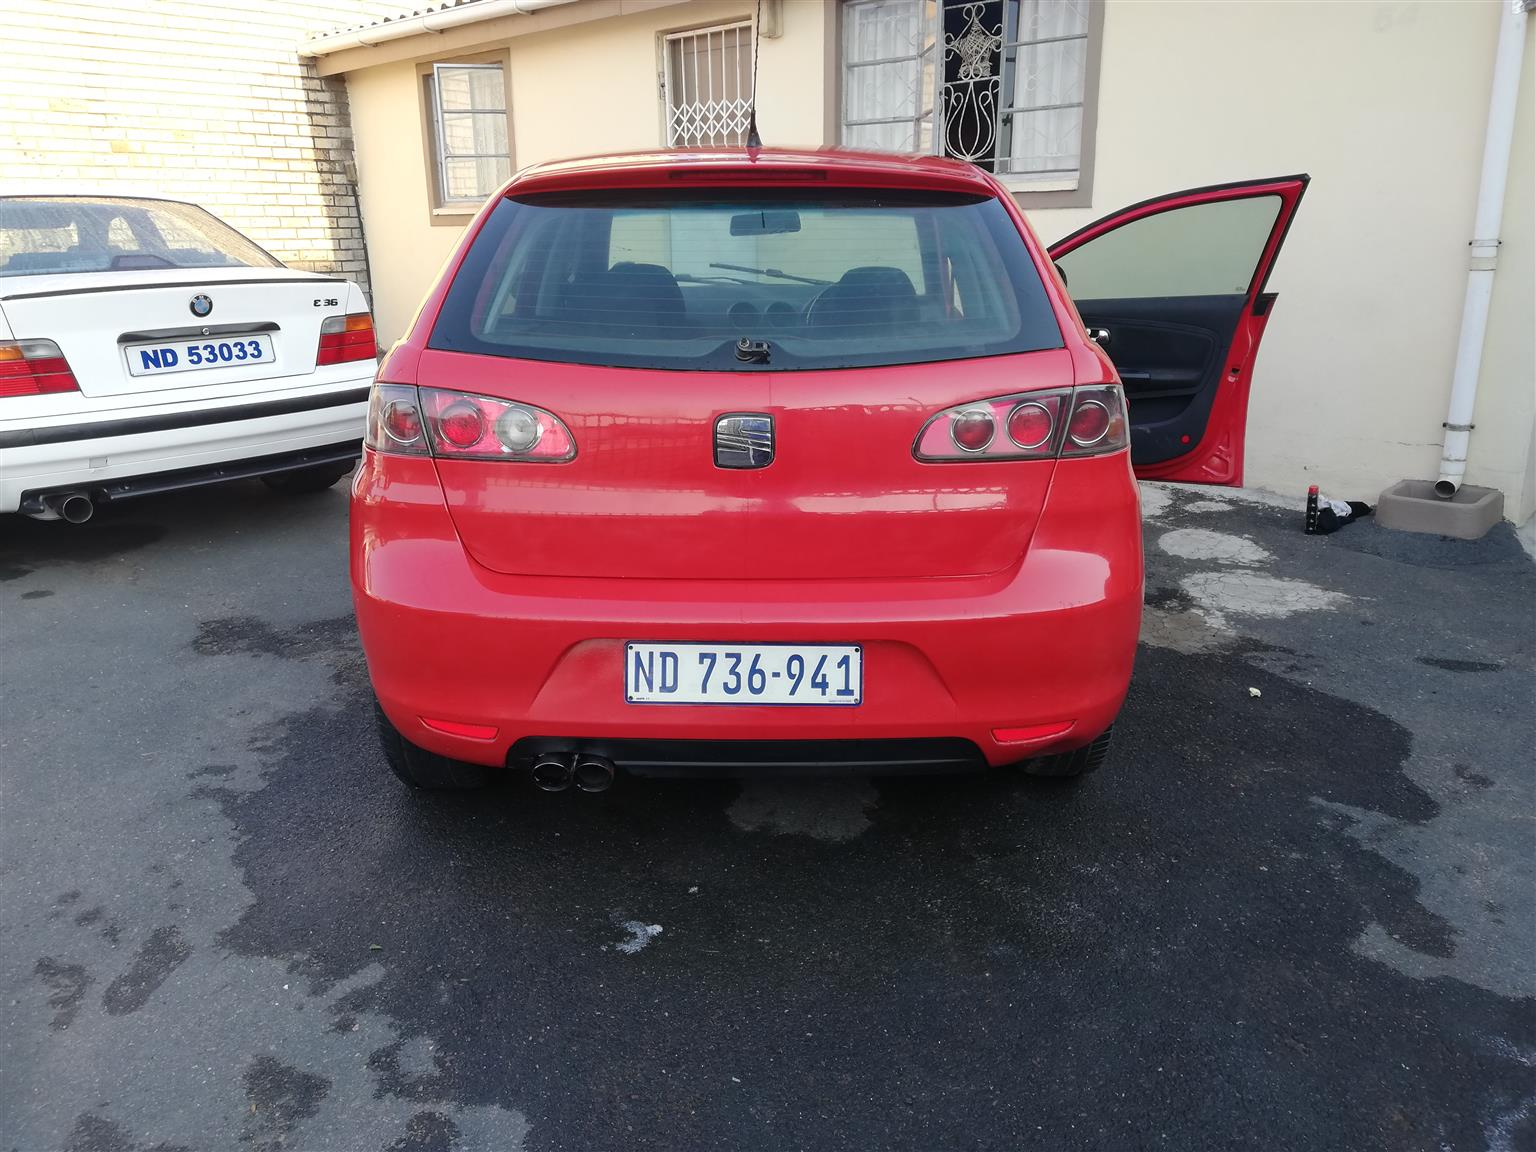 2007 Seat Ibiza 2.0 Sport 5 door